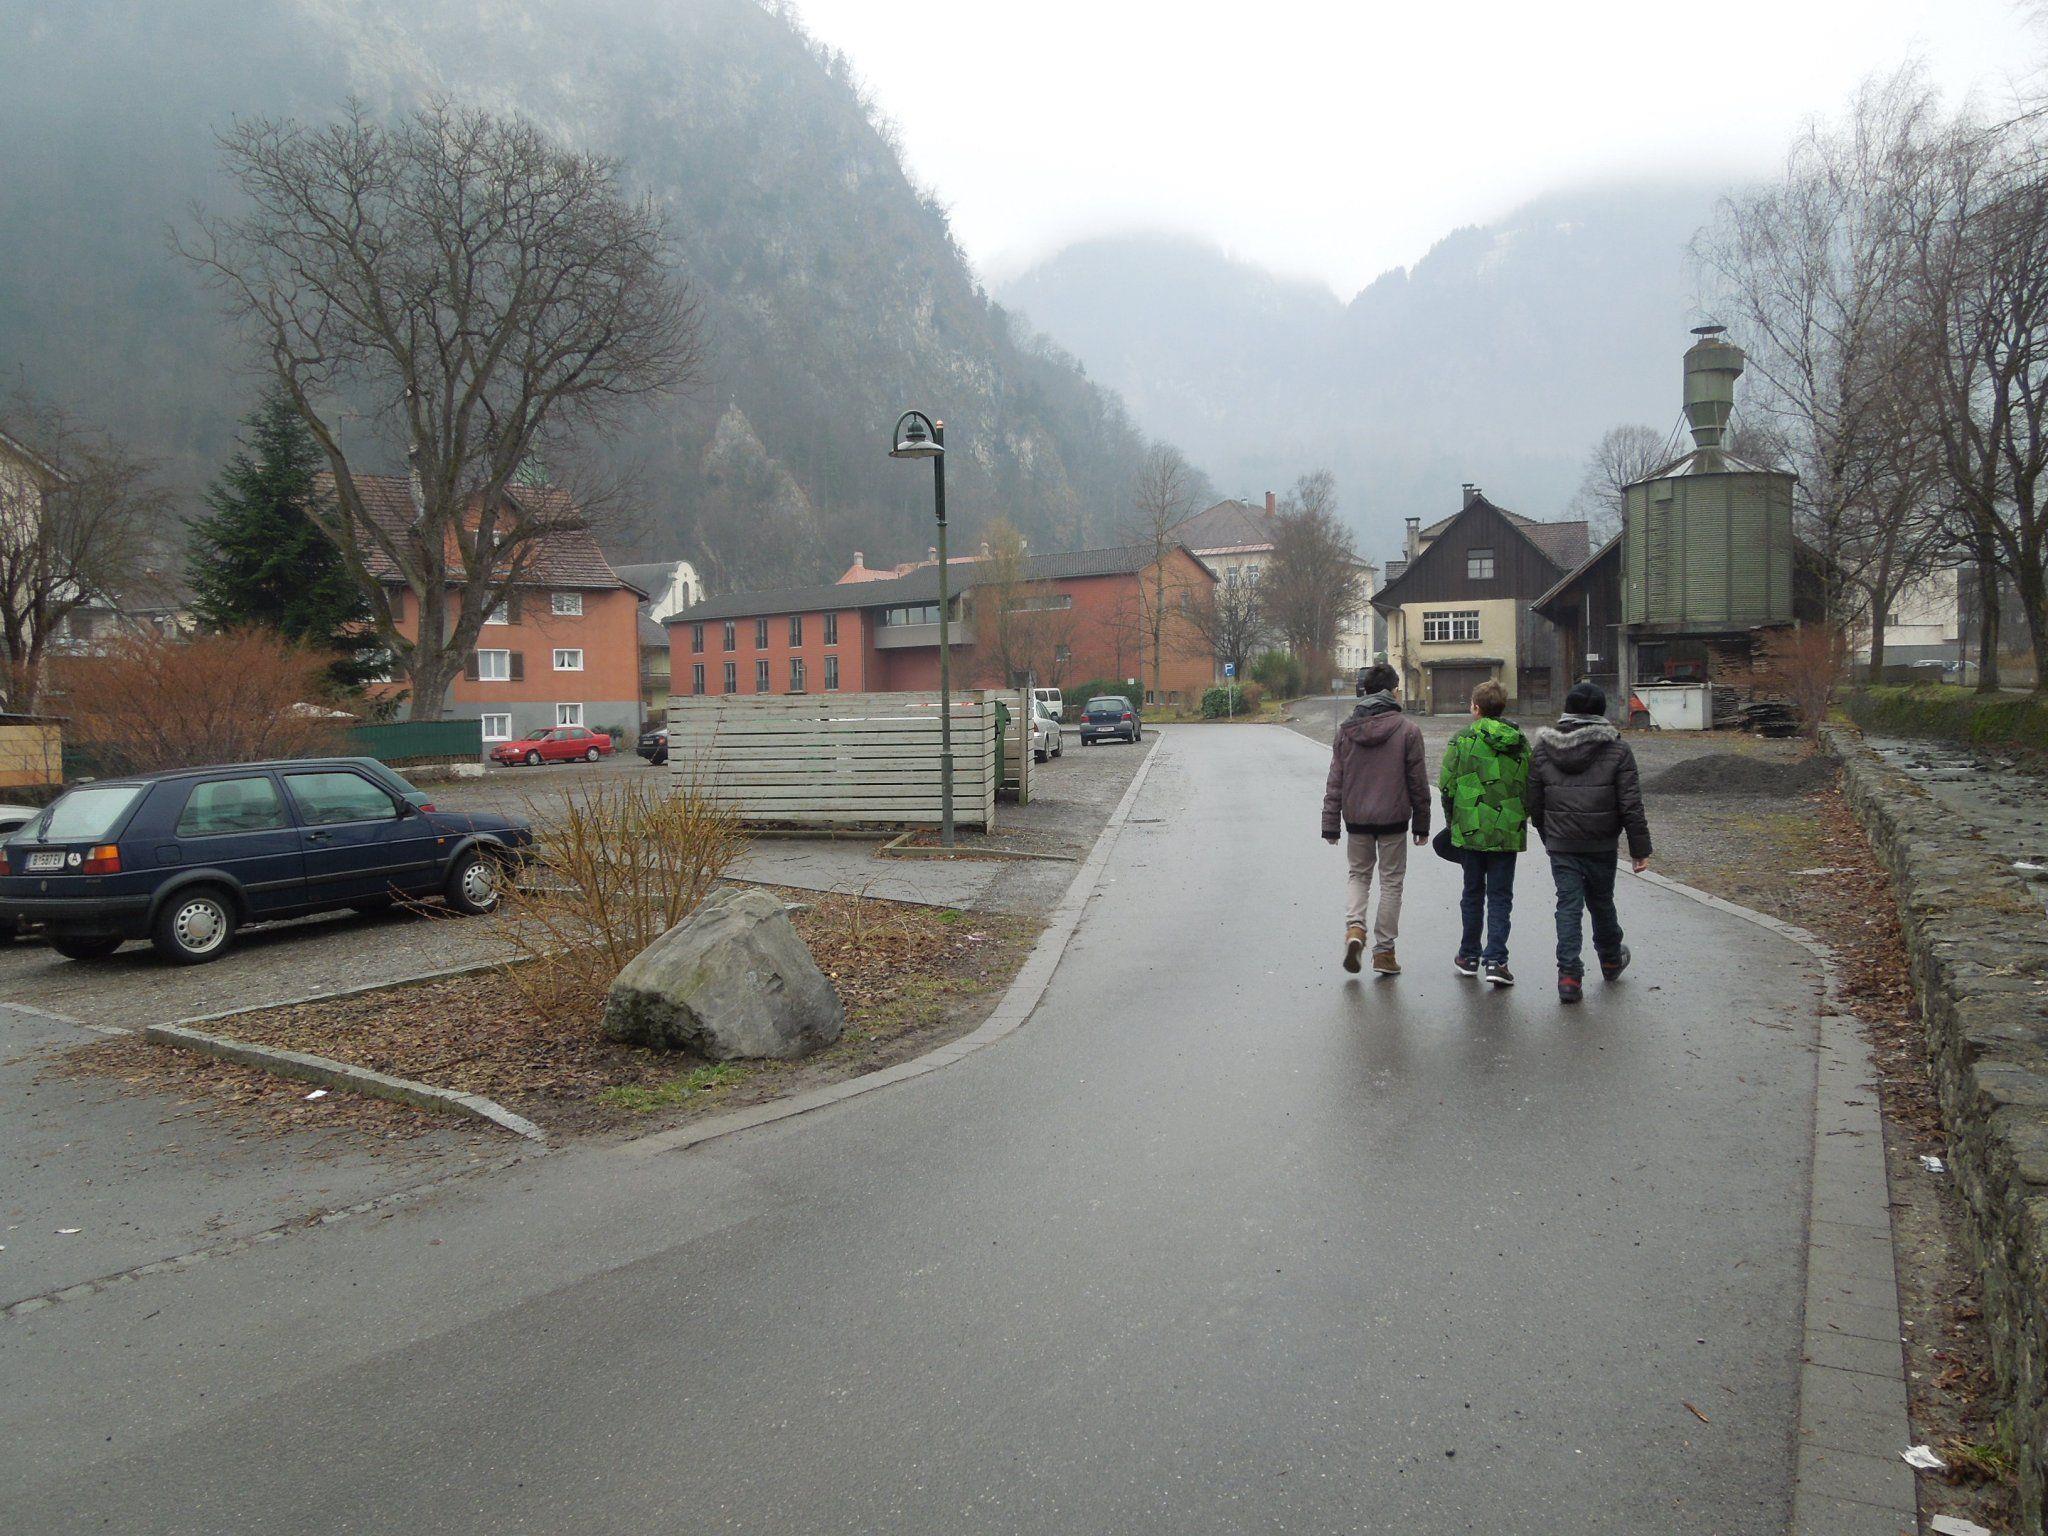 Bei der Bürgerinitiative gegen die Verbauung am Emsbach gibt es bislang bereits 900 Unterschriften.